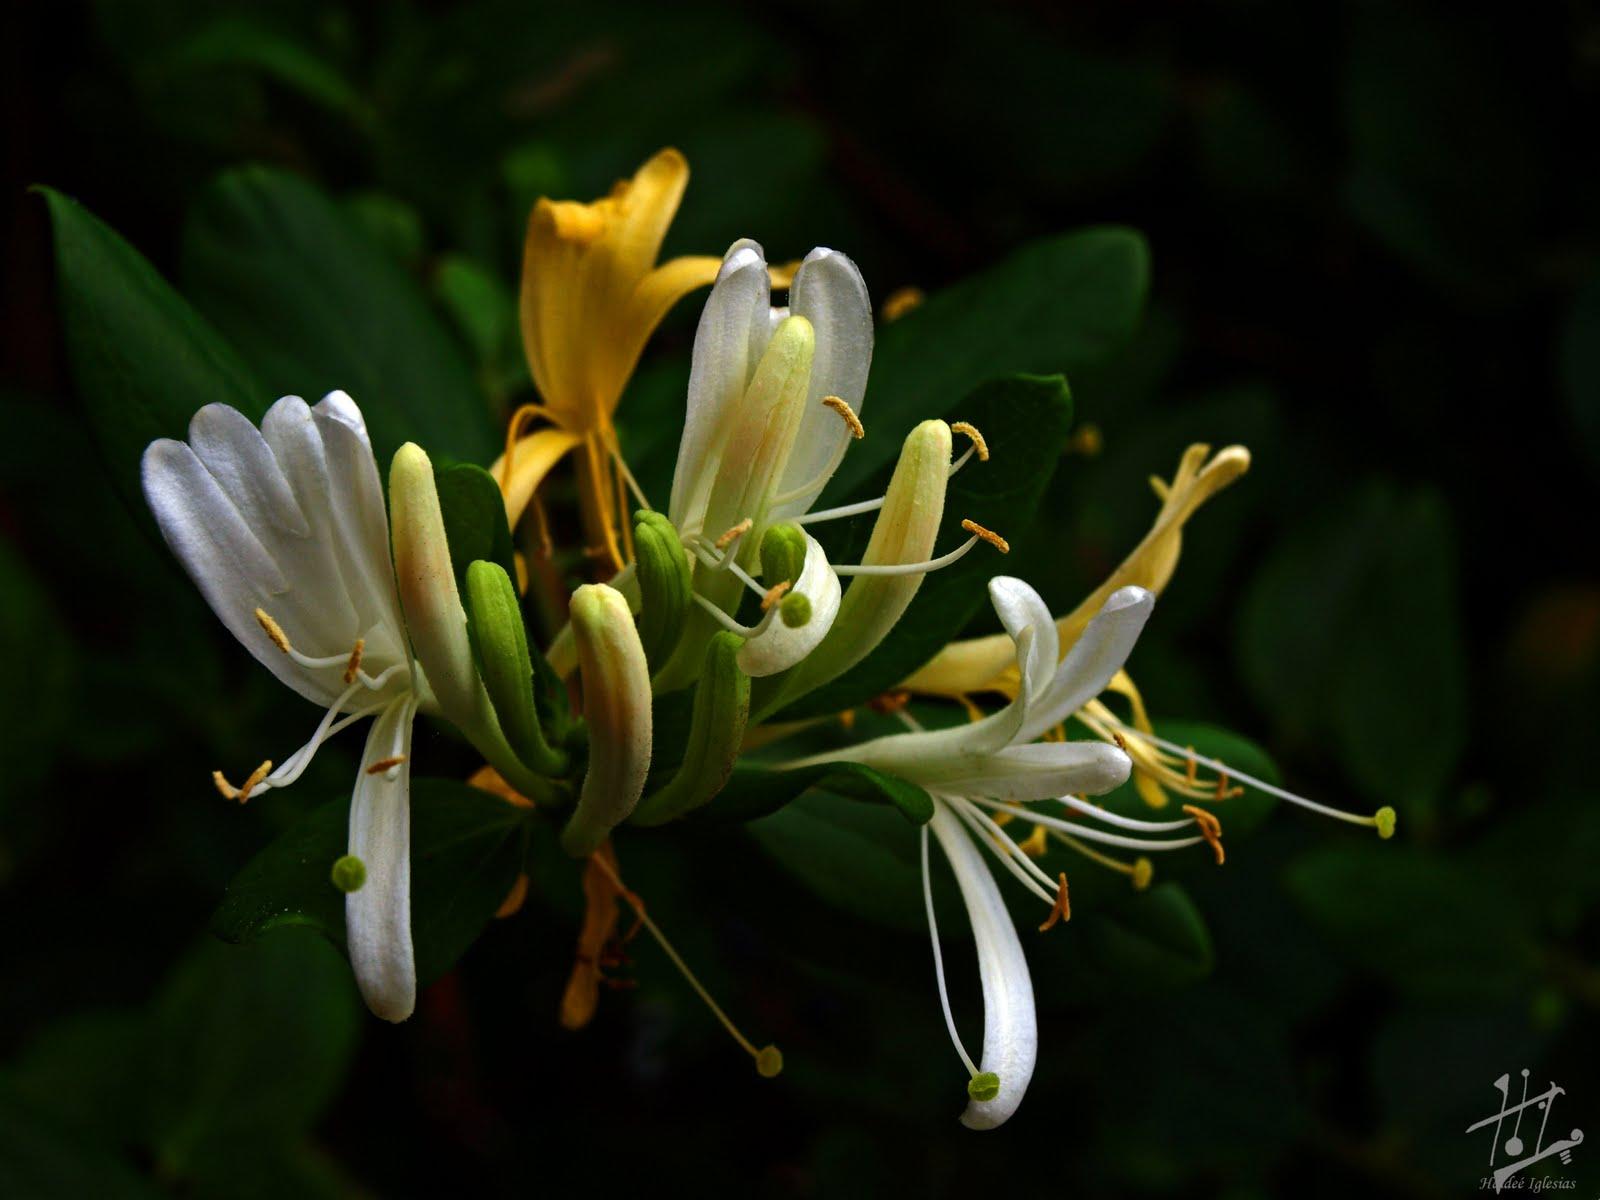 Mirando en el mundo el encuentro con un aroma la madreselva - La madreselva ...